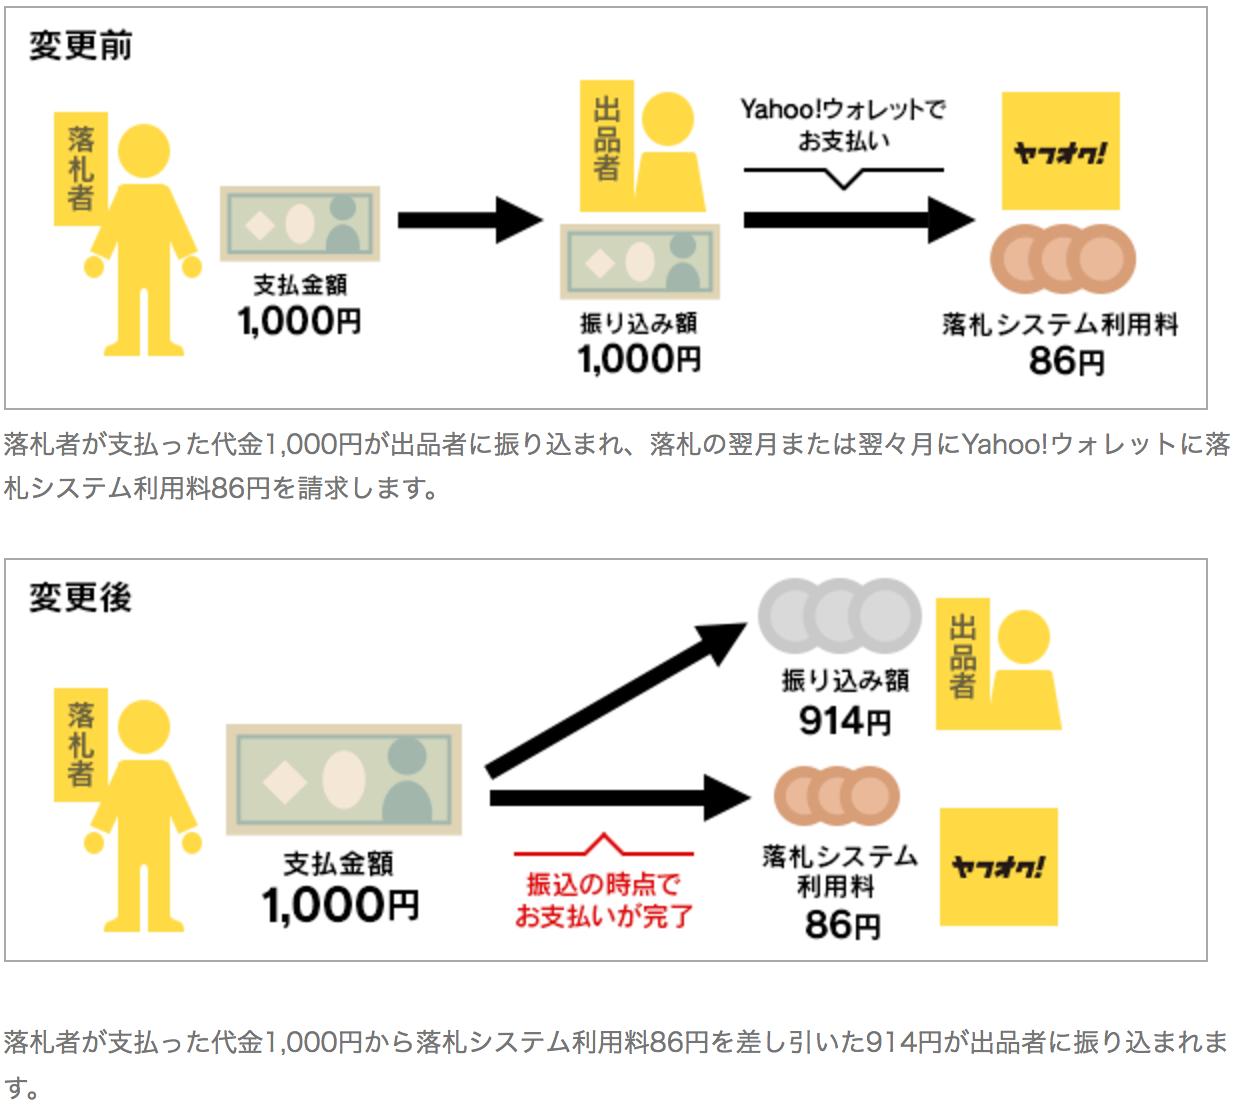 ヤフオクの落札システム利用料のお支払い方法が変更になりました(かんたん決済支払い)